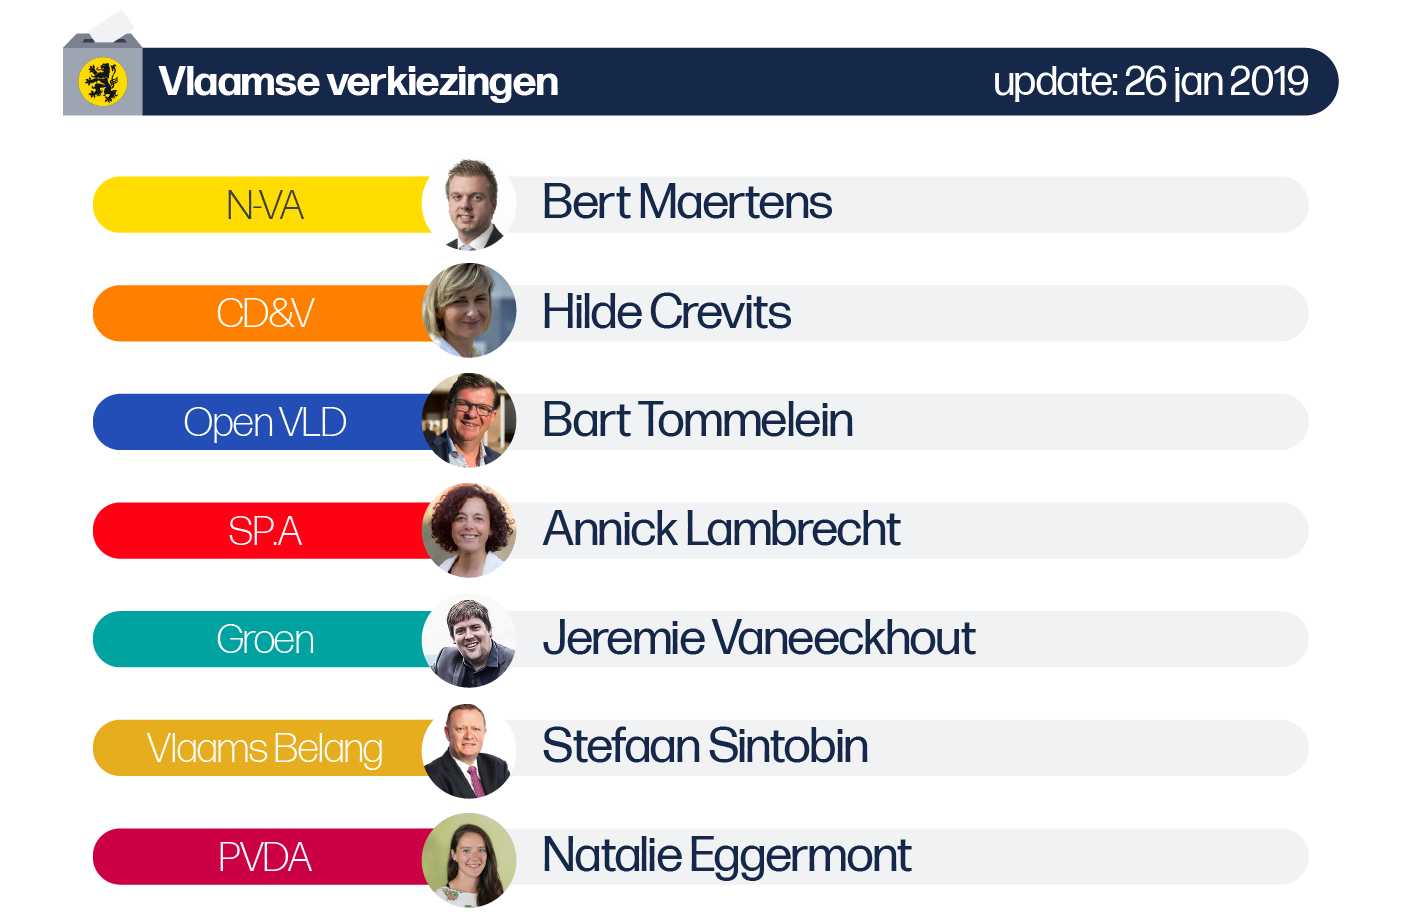 Deze afbeelding omvat volgende lijsttrekkers voor de Vlaamse verkiezingen van de provincie West-Vlaanderen: N-VA: Bert Maertens, CD&V: Hilde Crevits, SP.A: Annick Lambrecht, Vlaams-Belang: Stefaan Sintobin